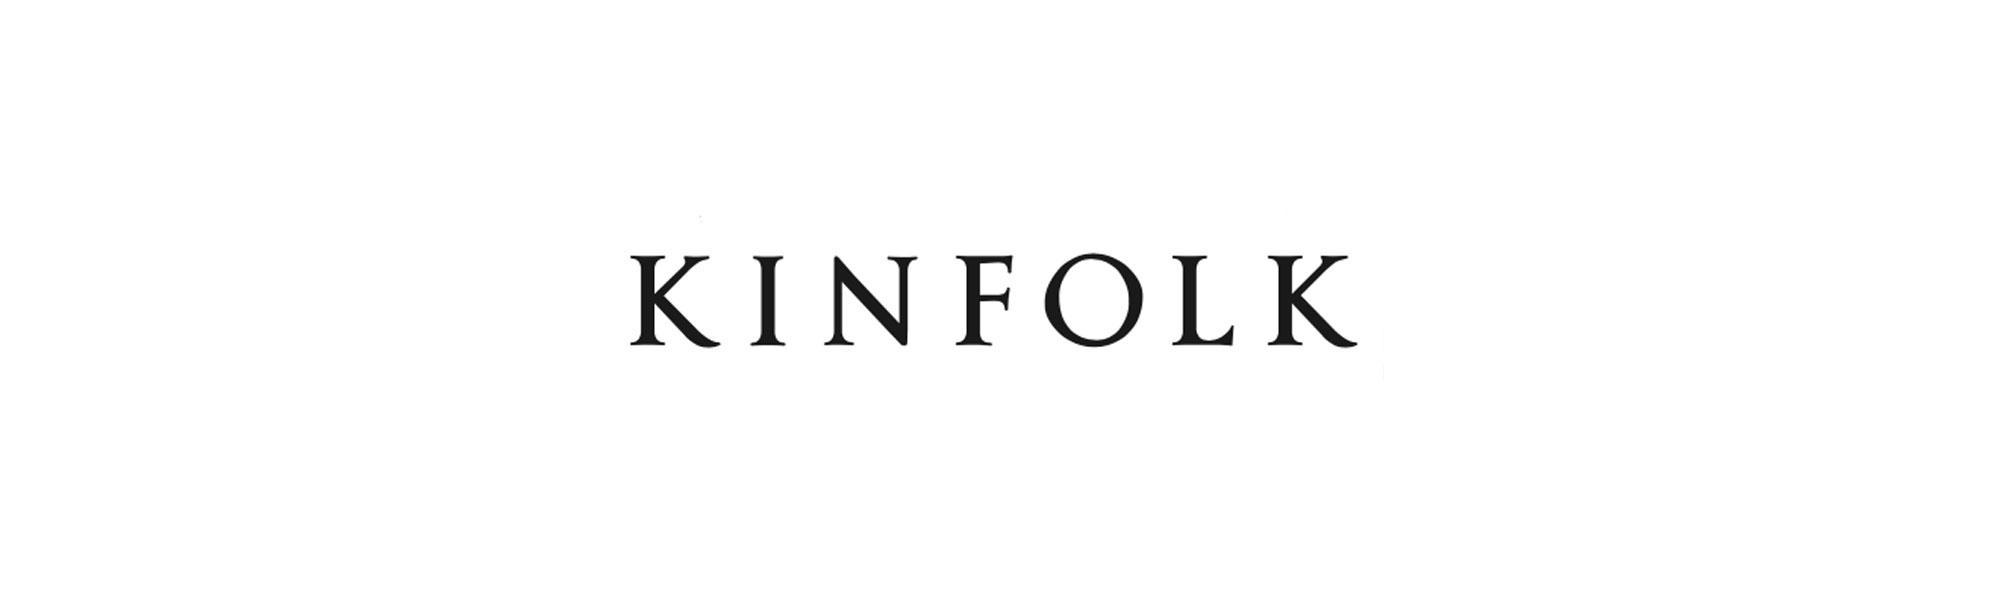 Kinfolk …more